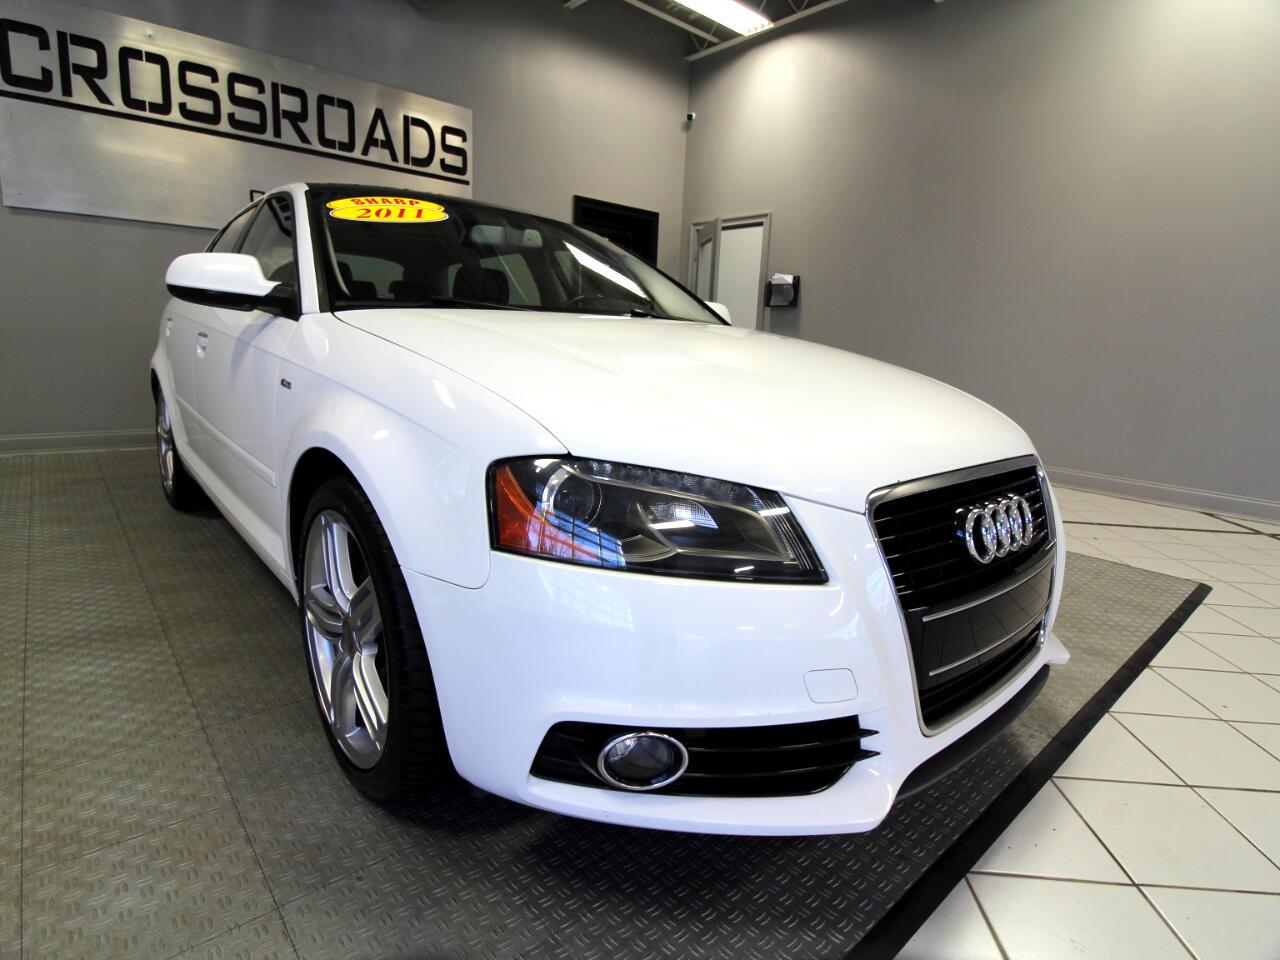 Audi A3 4dr HB S tronic FrontTrak 2.0 TDI Premium Plus 2011